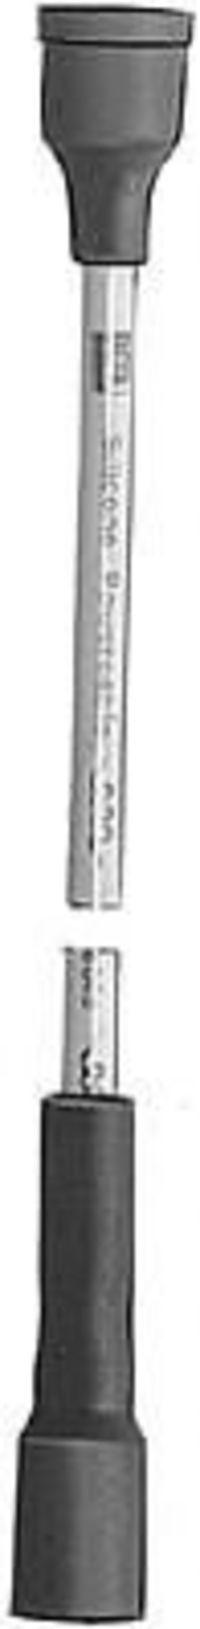 Провод высоковольтный BERU R9